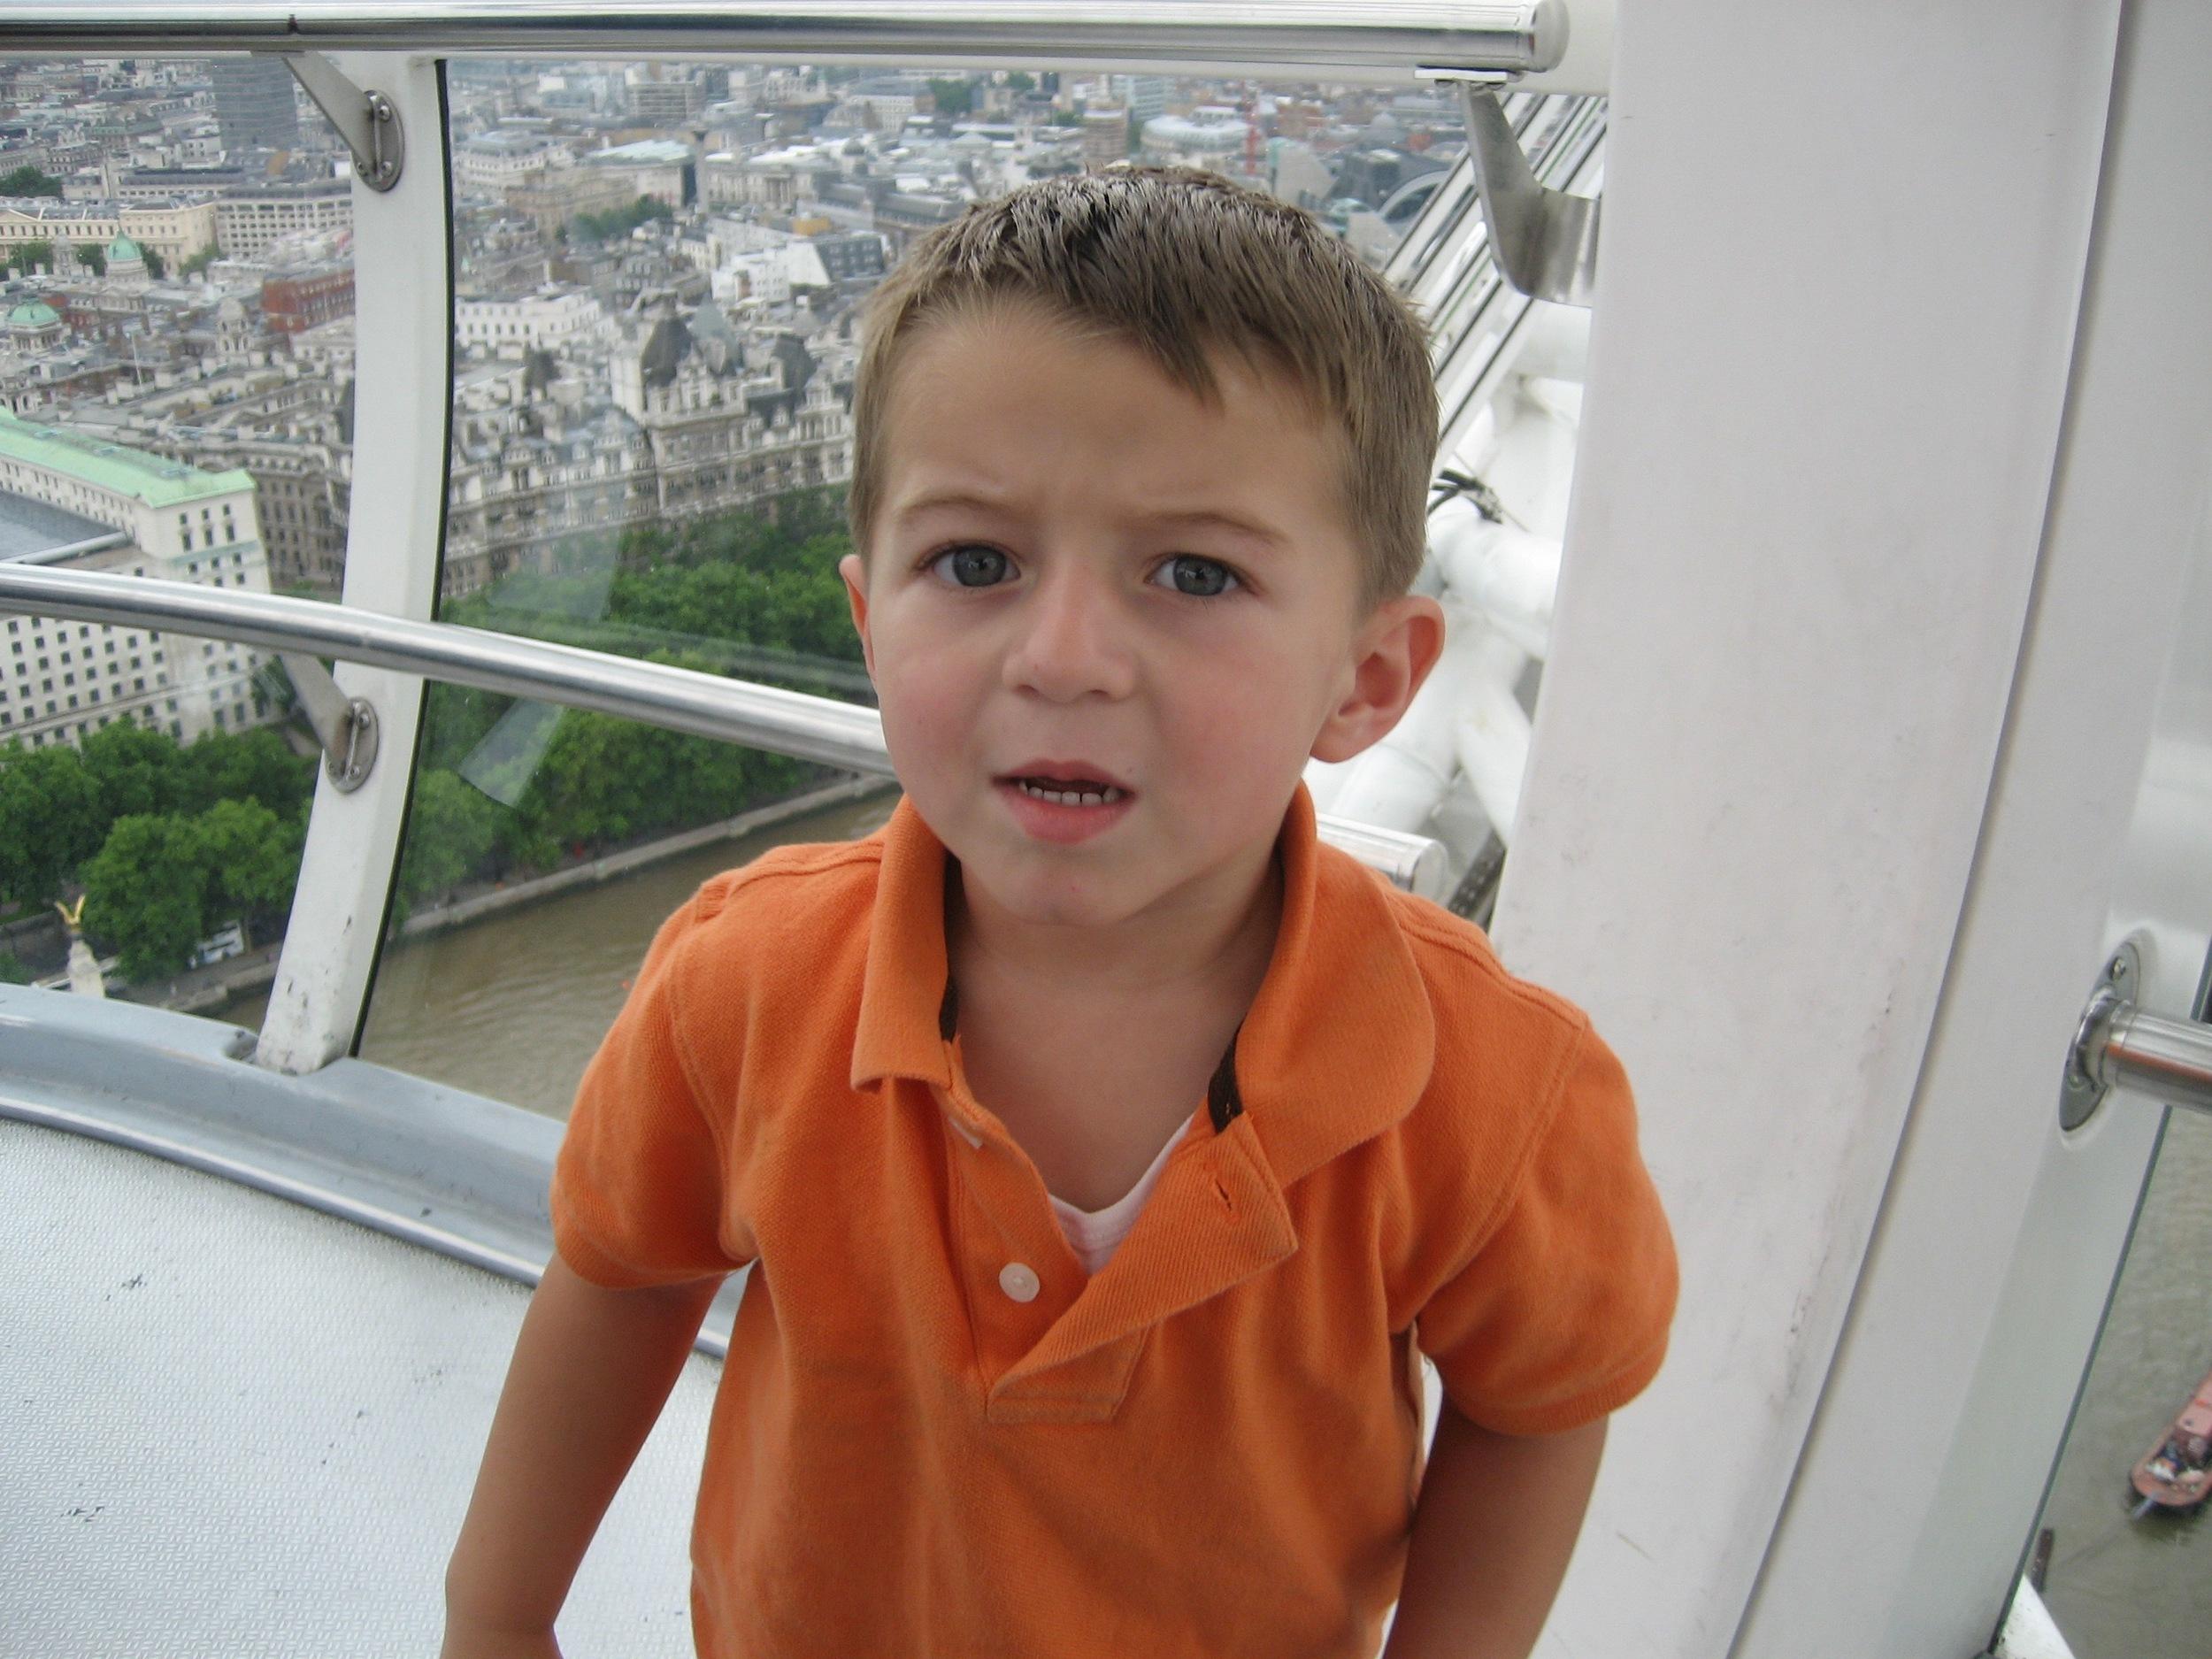 Dieter   The London Eye